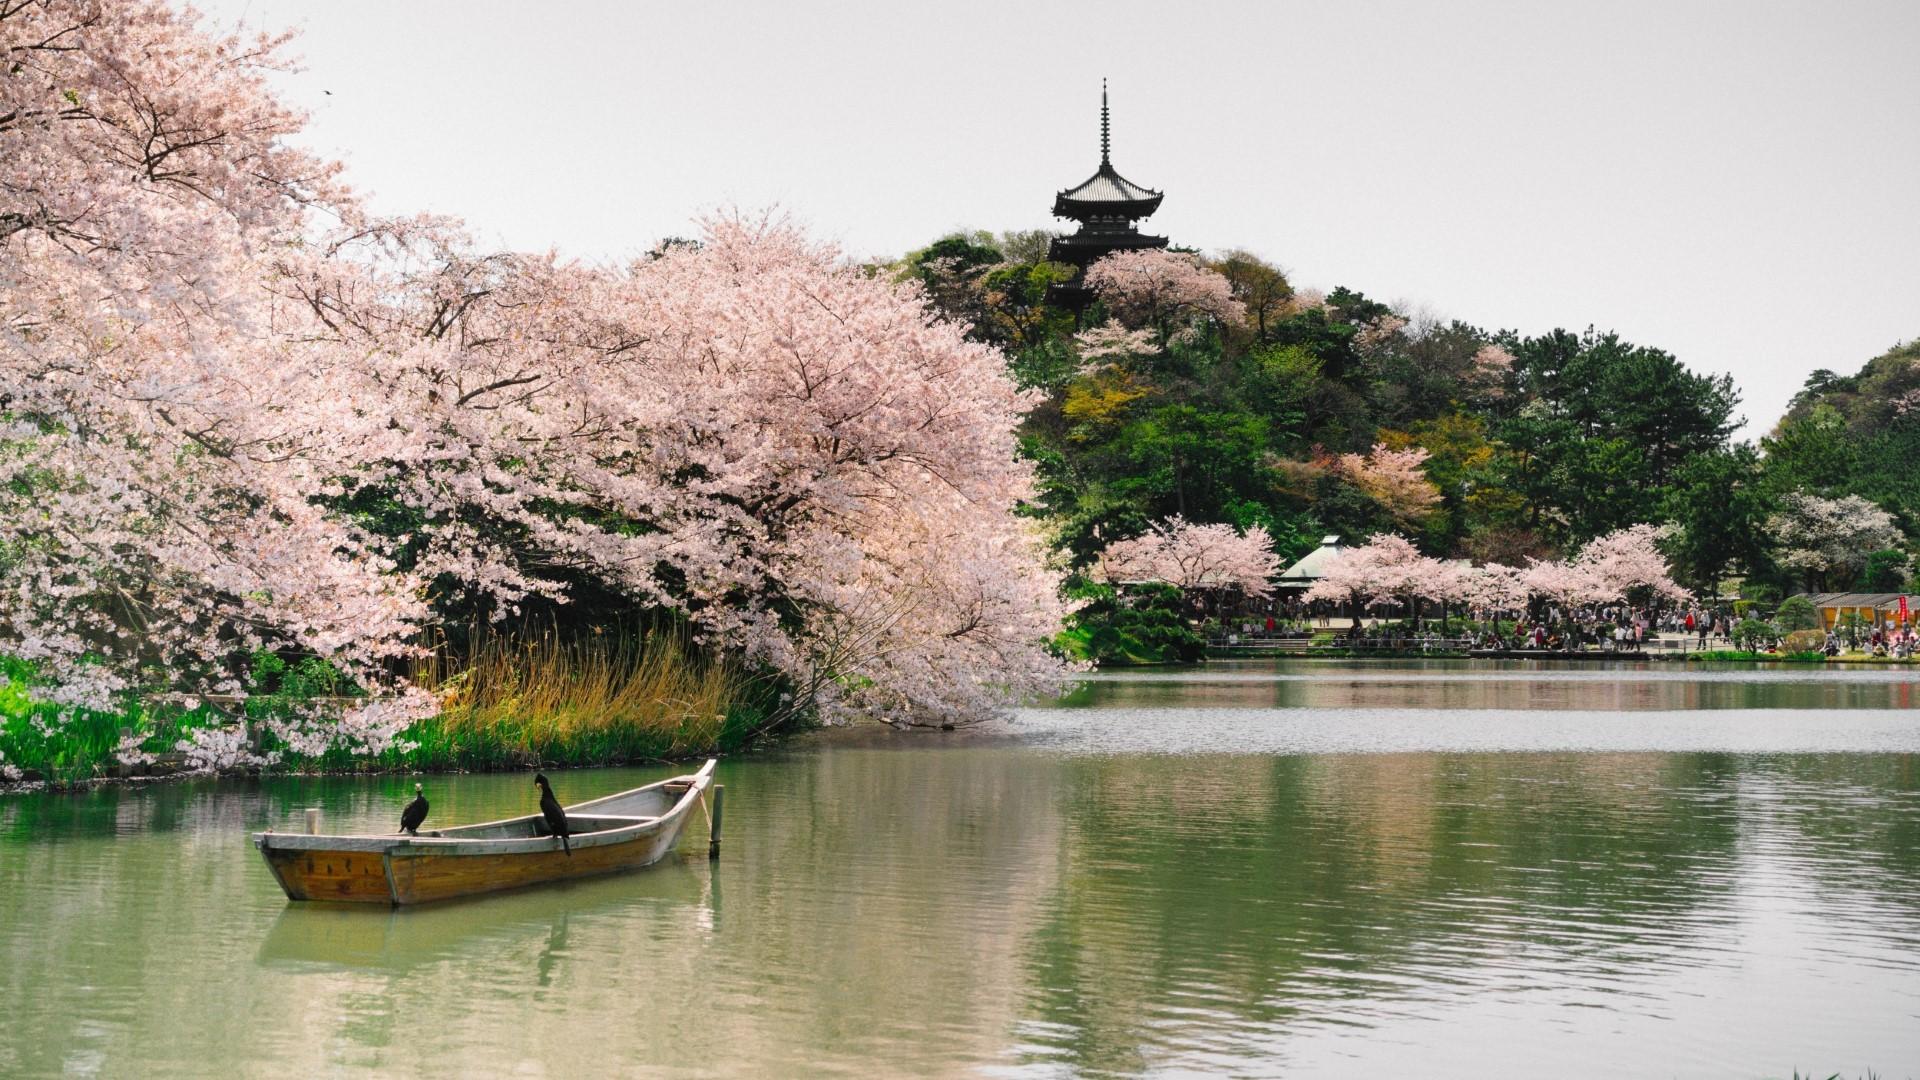 besplatno japansko mjesto za upoznavanje araps2arabs šibanje